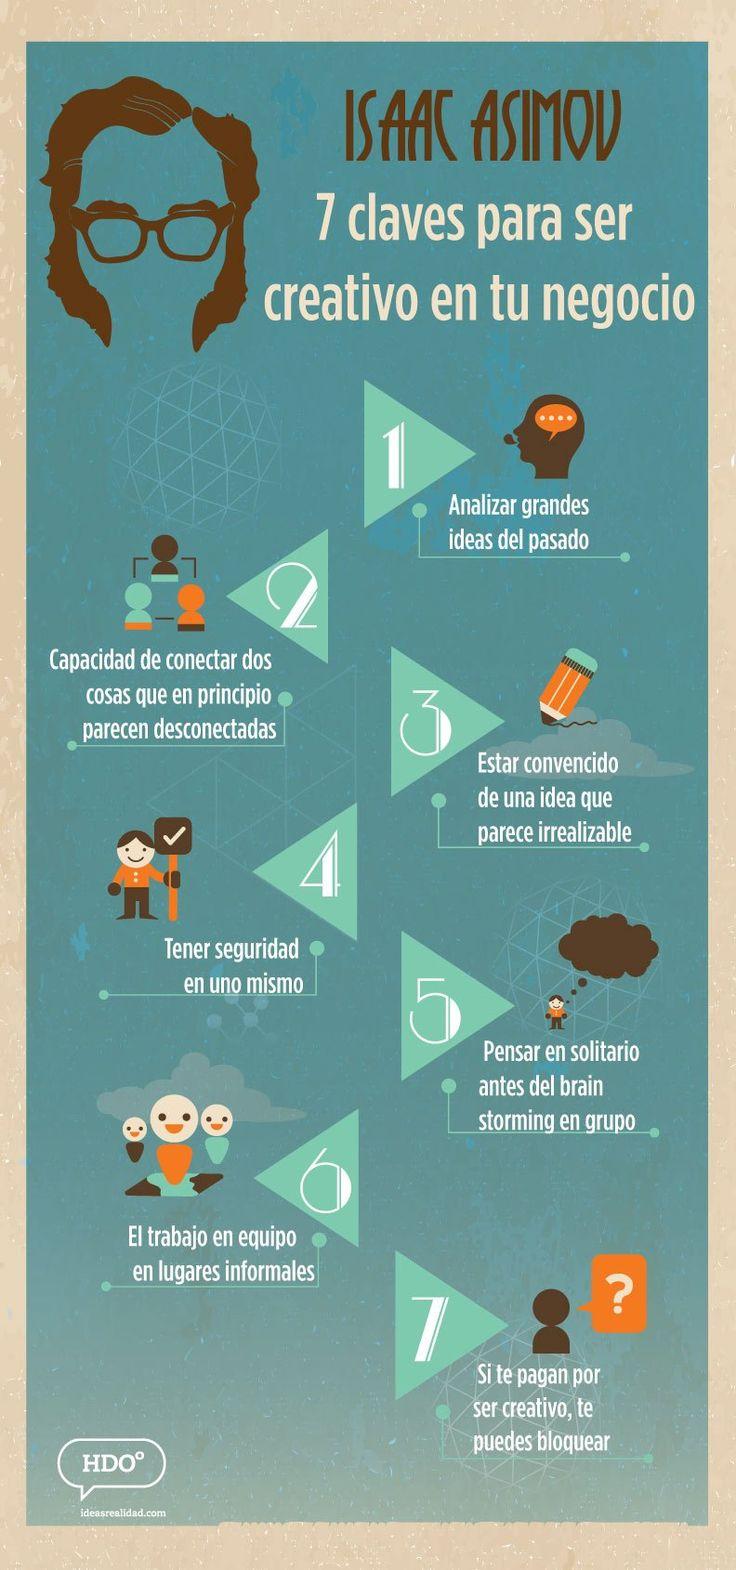 7 claves para ser creativo en tu negocio (por Asimov) #infografia #infographic